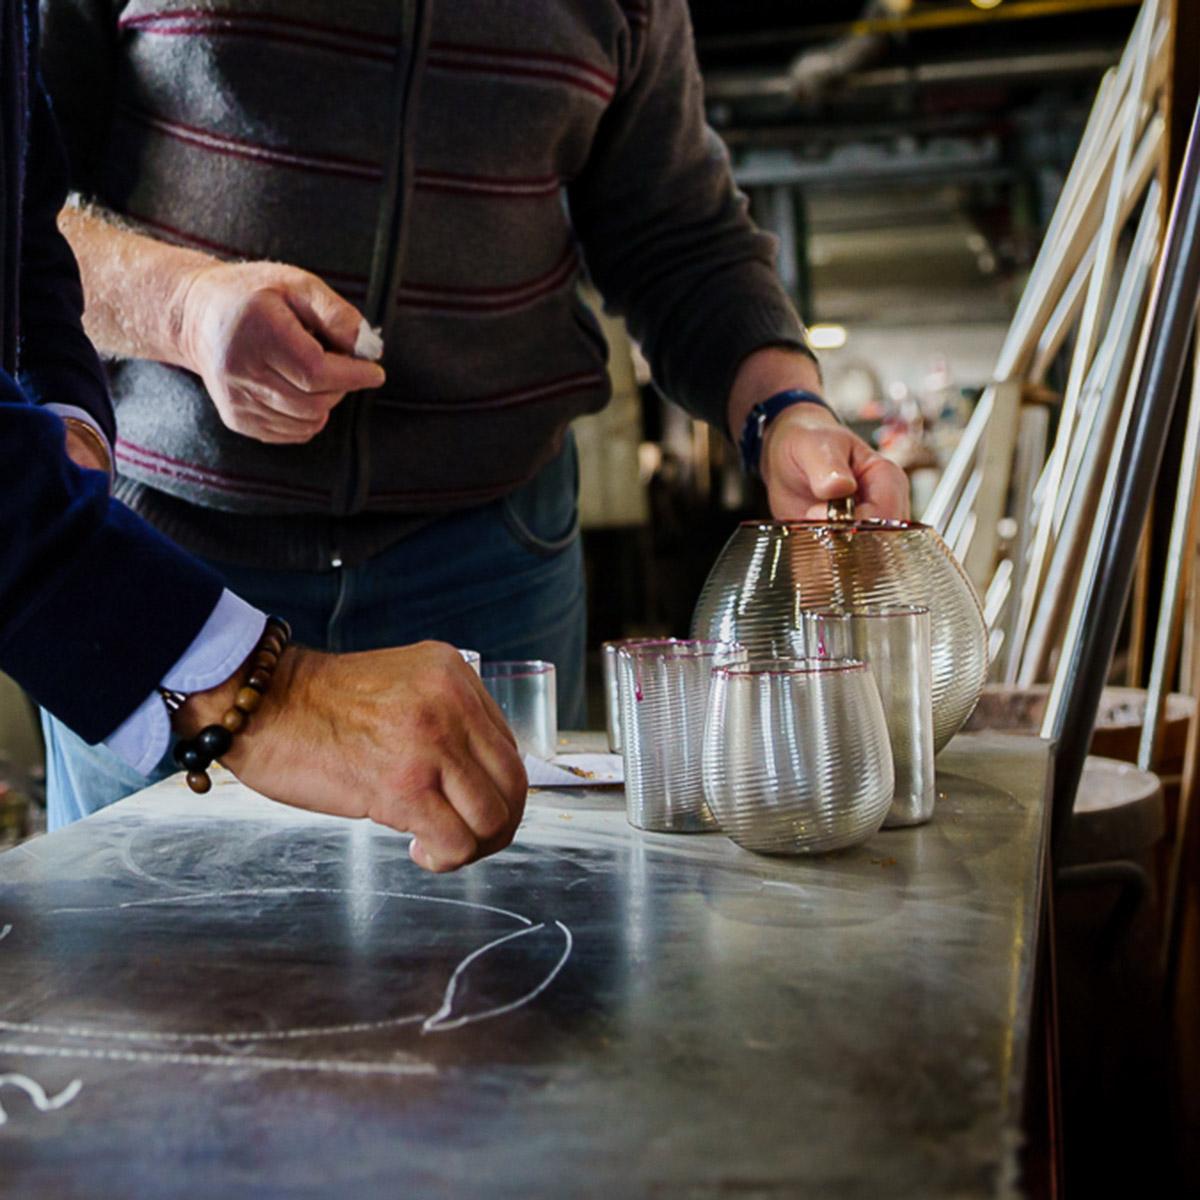 noemi-tear-glass-riga-mena-murano-design-giberto-water-venice